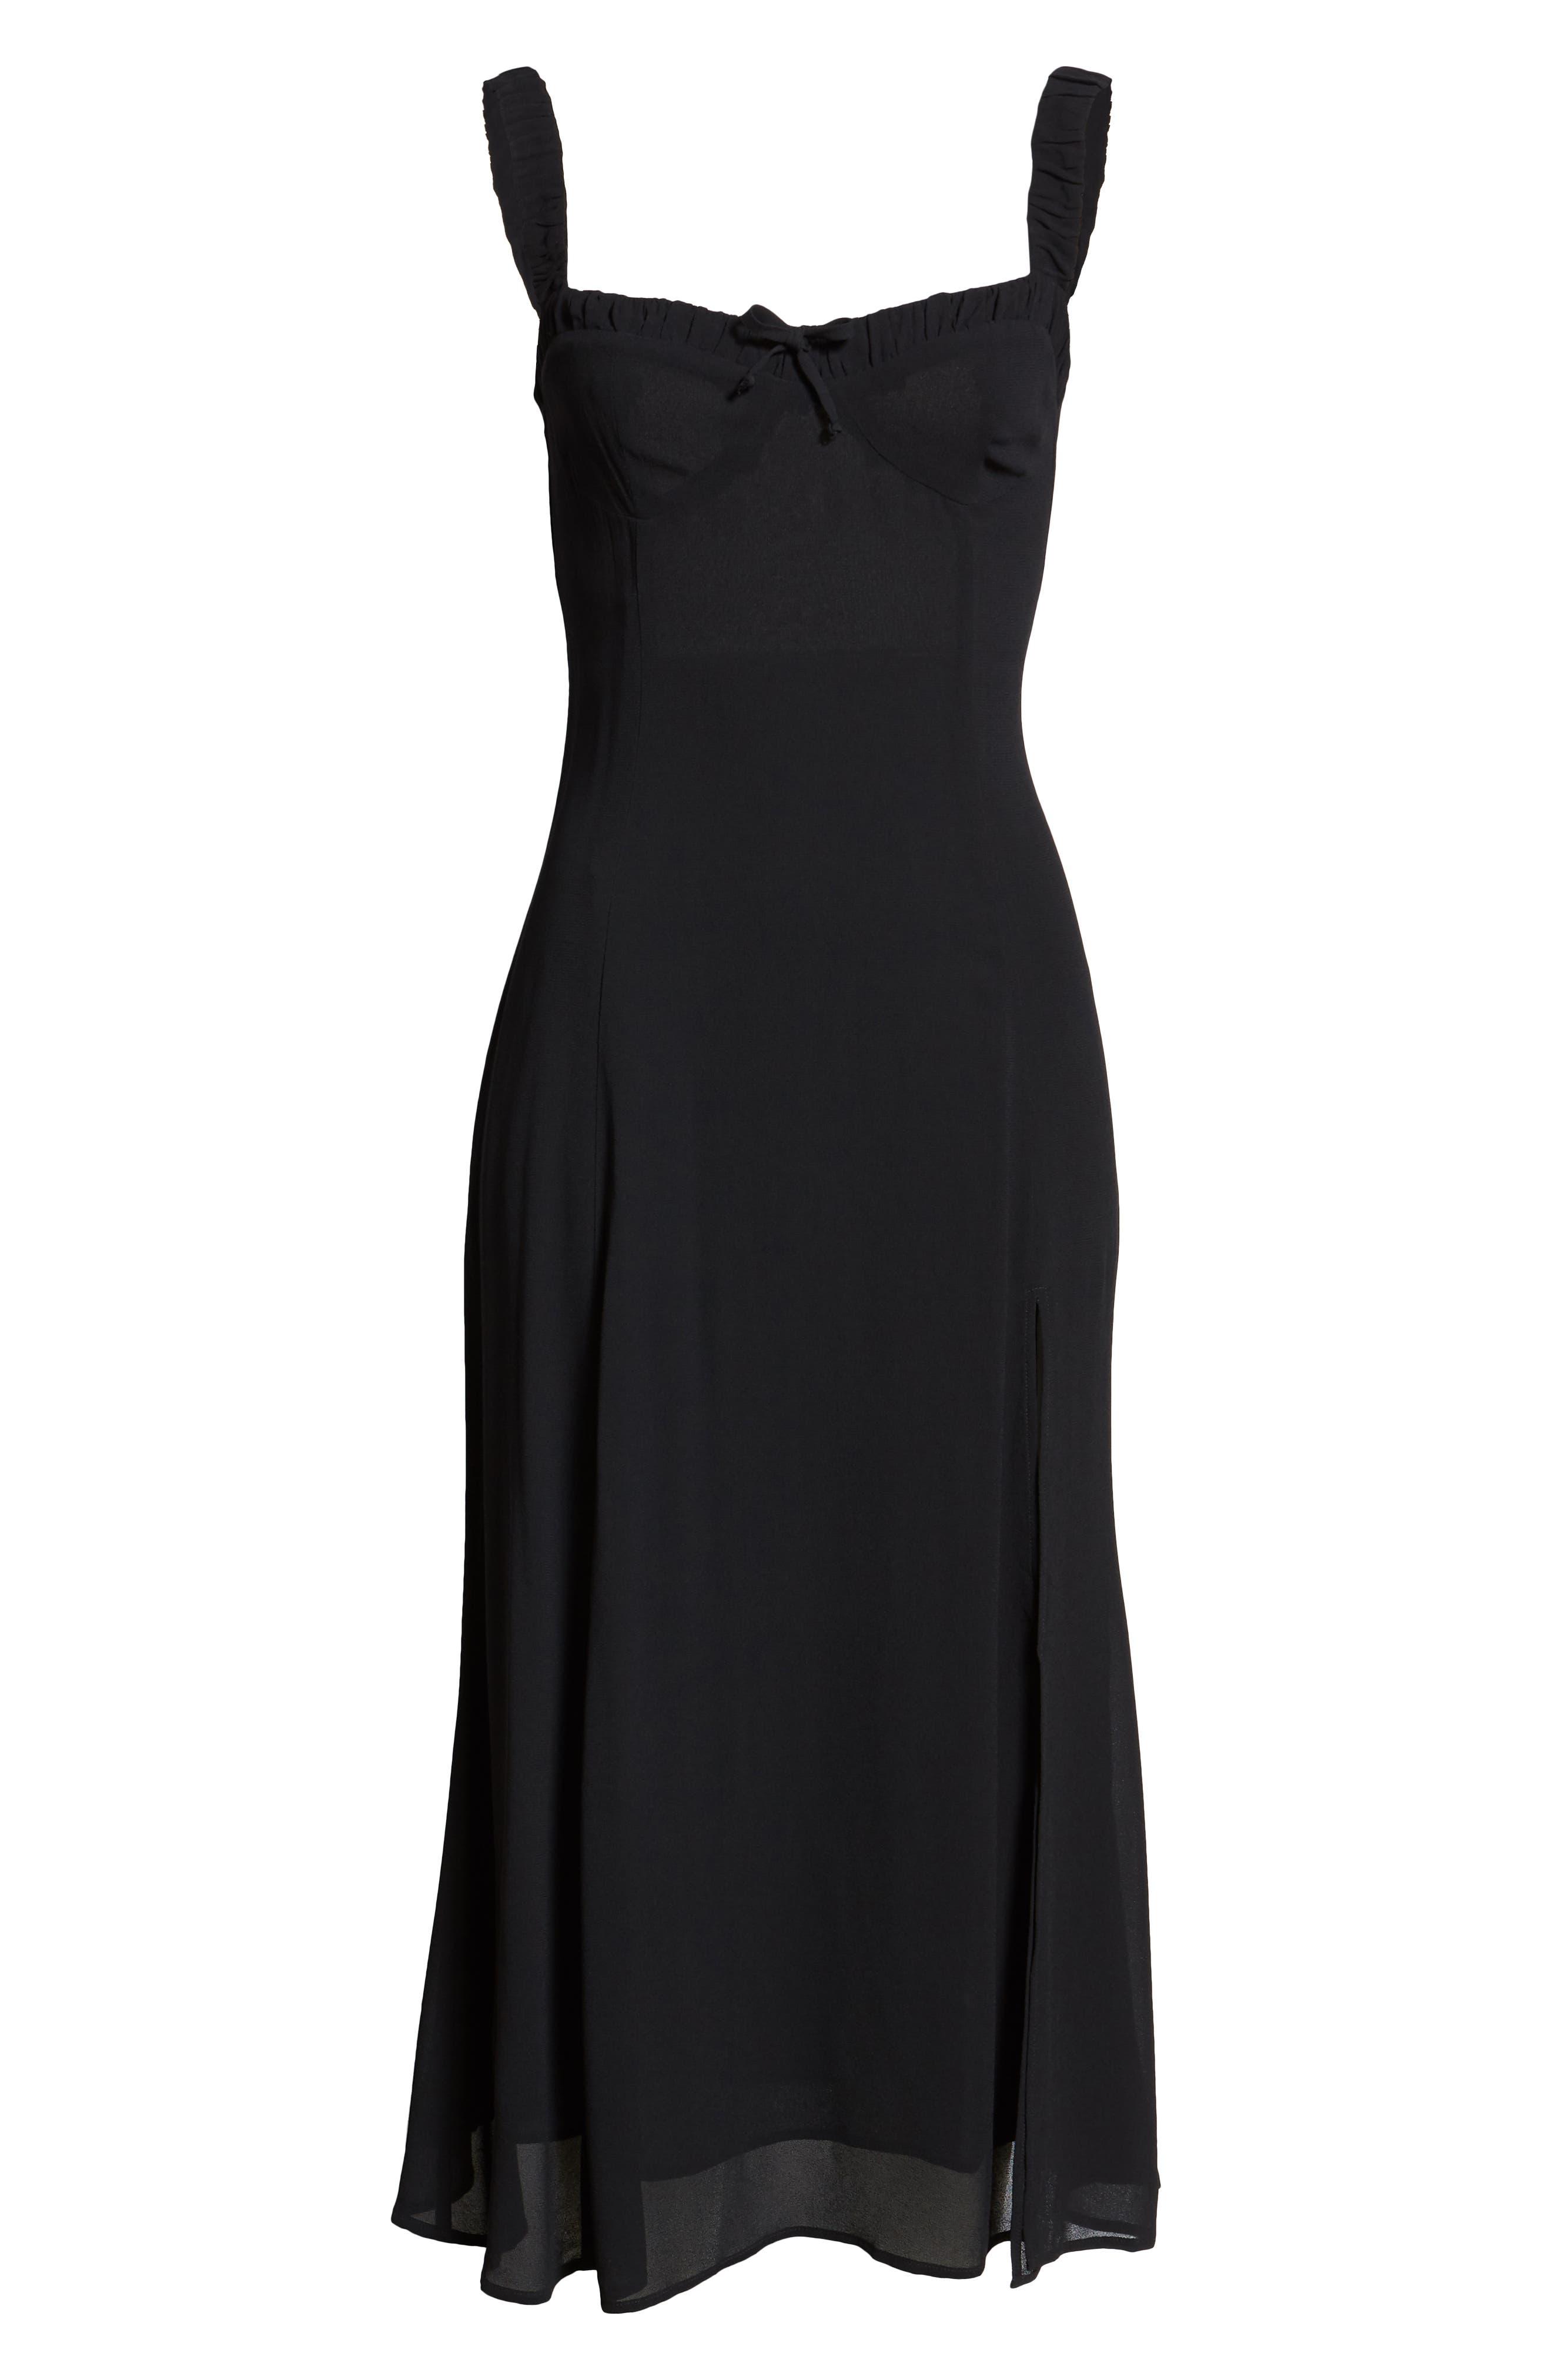 Peridot Side Slit Dress,                             Alternate thumbnail 7, color,                             BLACK